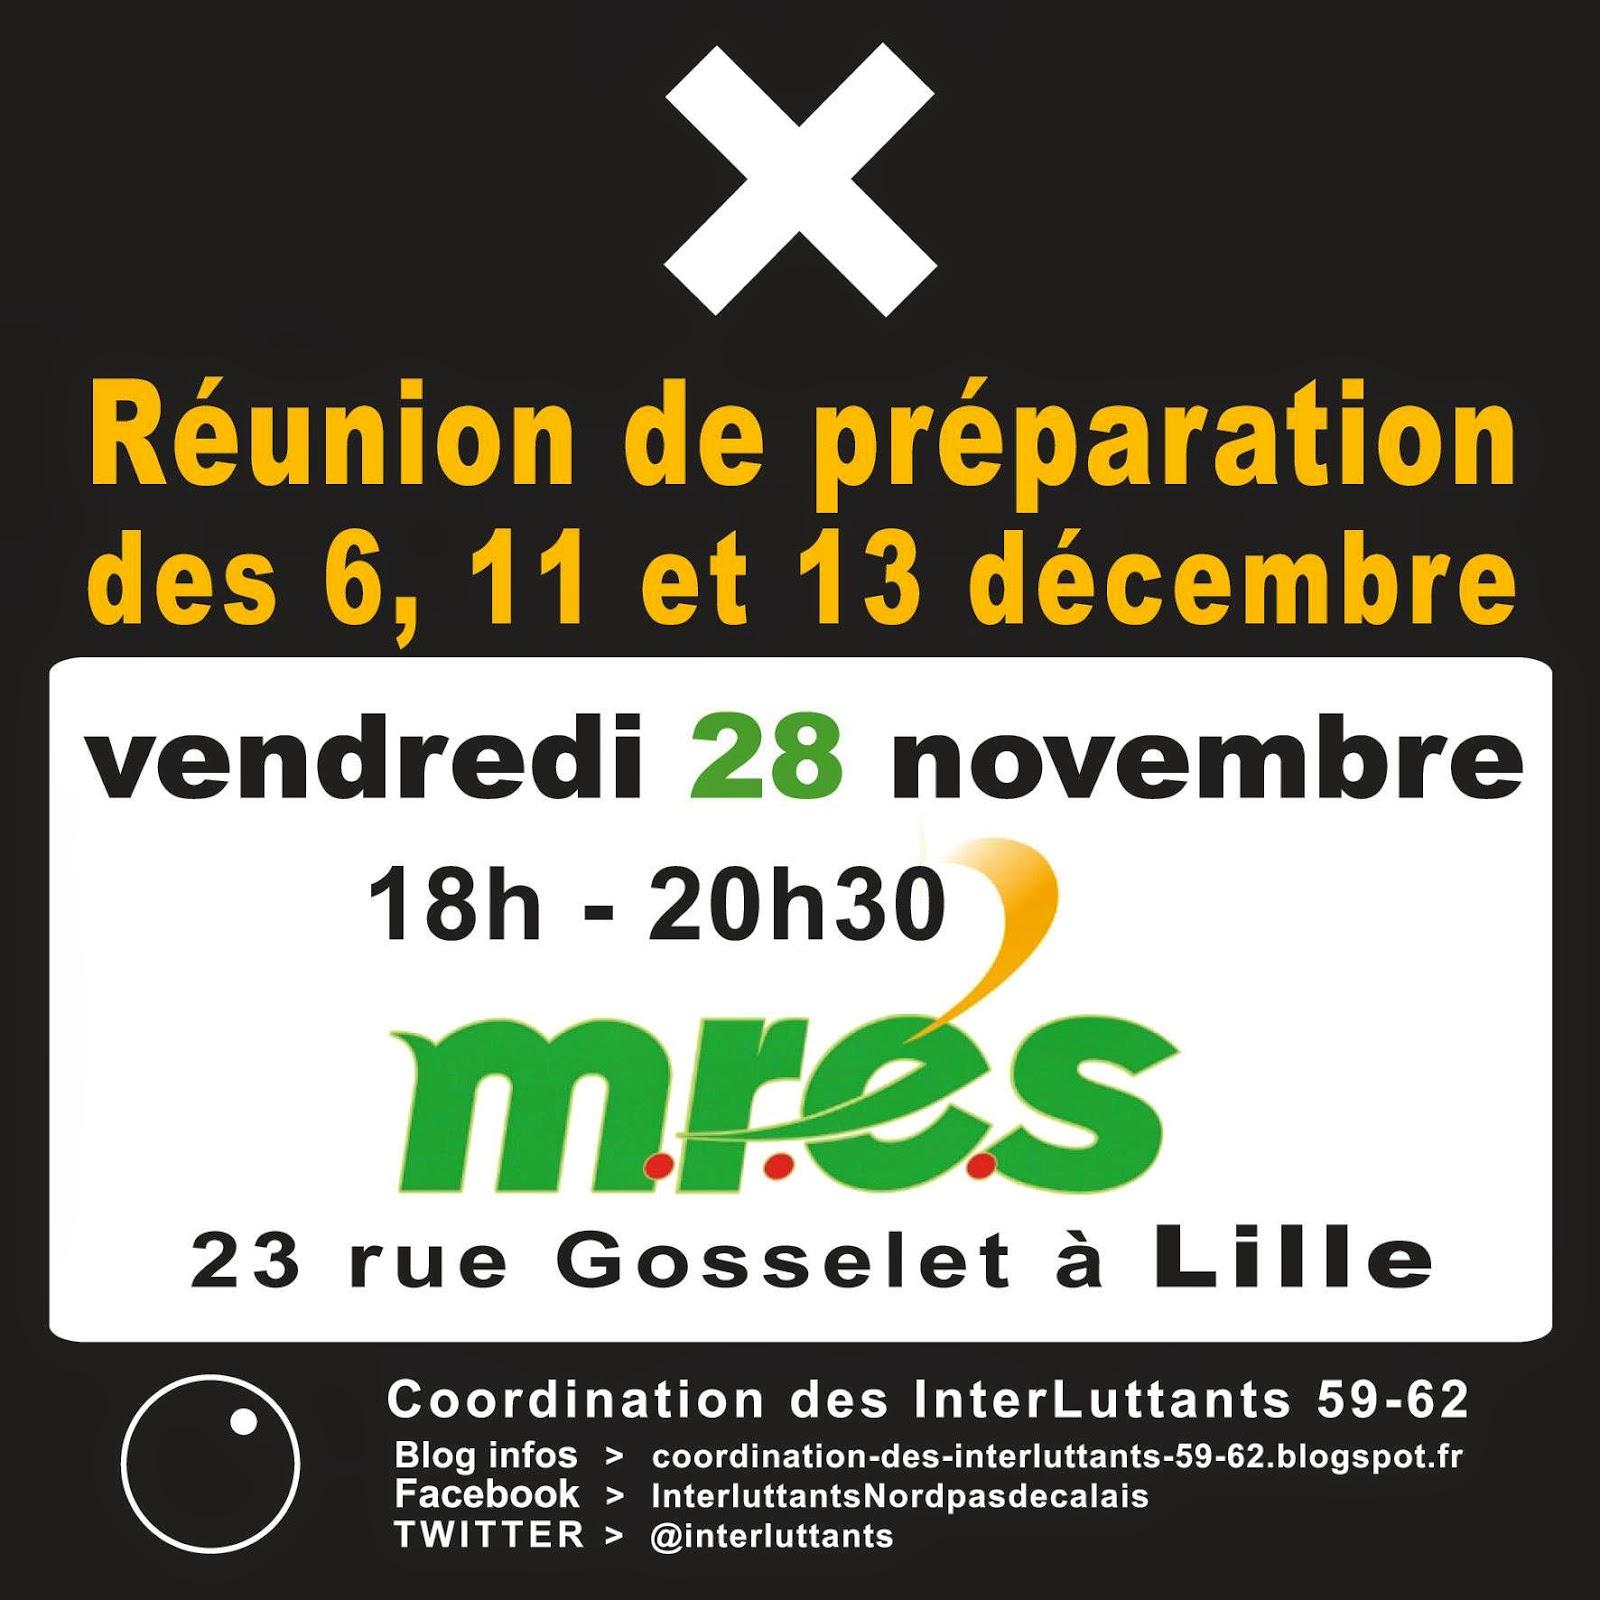 Réunion de préparation des 6, 11 et 13 décembre  !! Ouvert à tous !! Vendredi 28 novembre 18h00 - 20h30 à la M.R.E.S  (Maison Régionale de l'Environnement et des Solidarités) 23 rue Gosselet à Lille